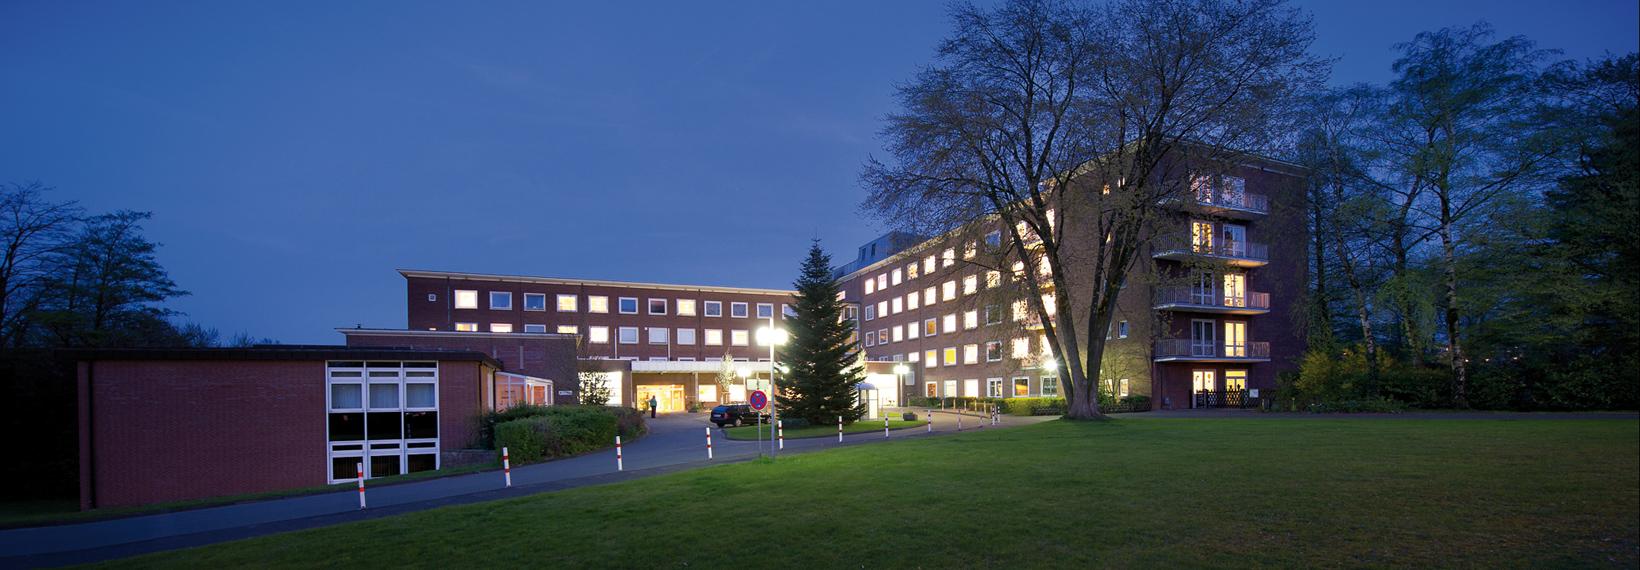 Die Außenaussicht der Frauen- und Kinderklinik St. Louise bei Nacht